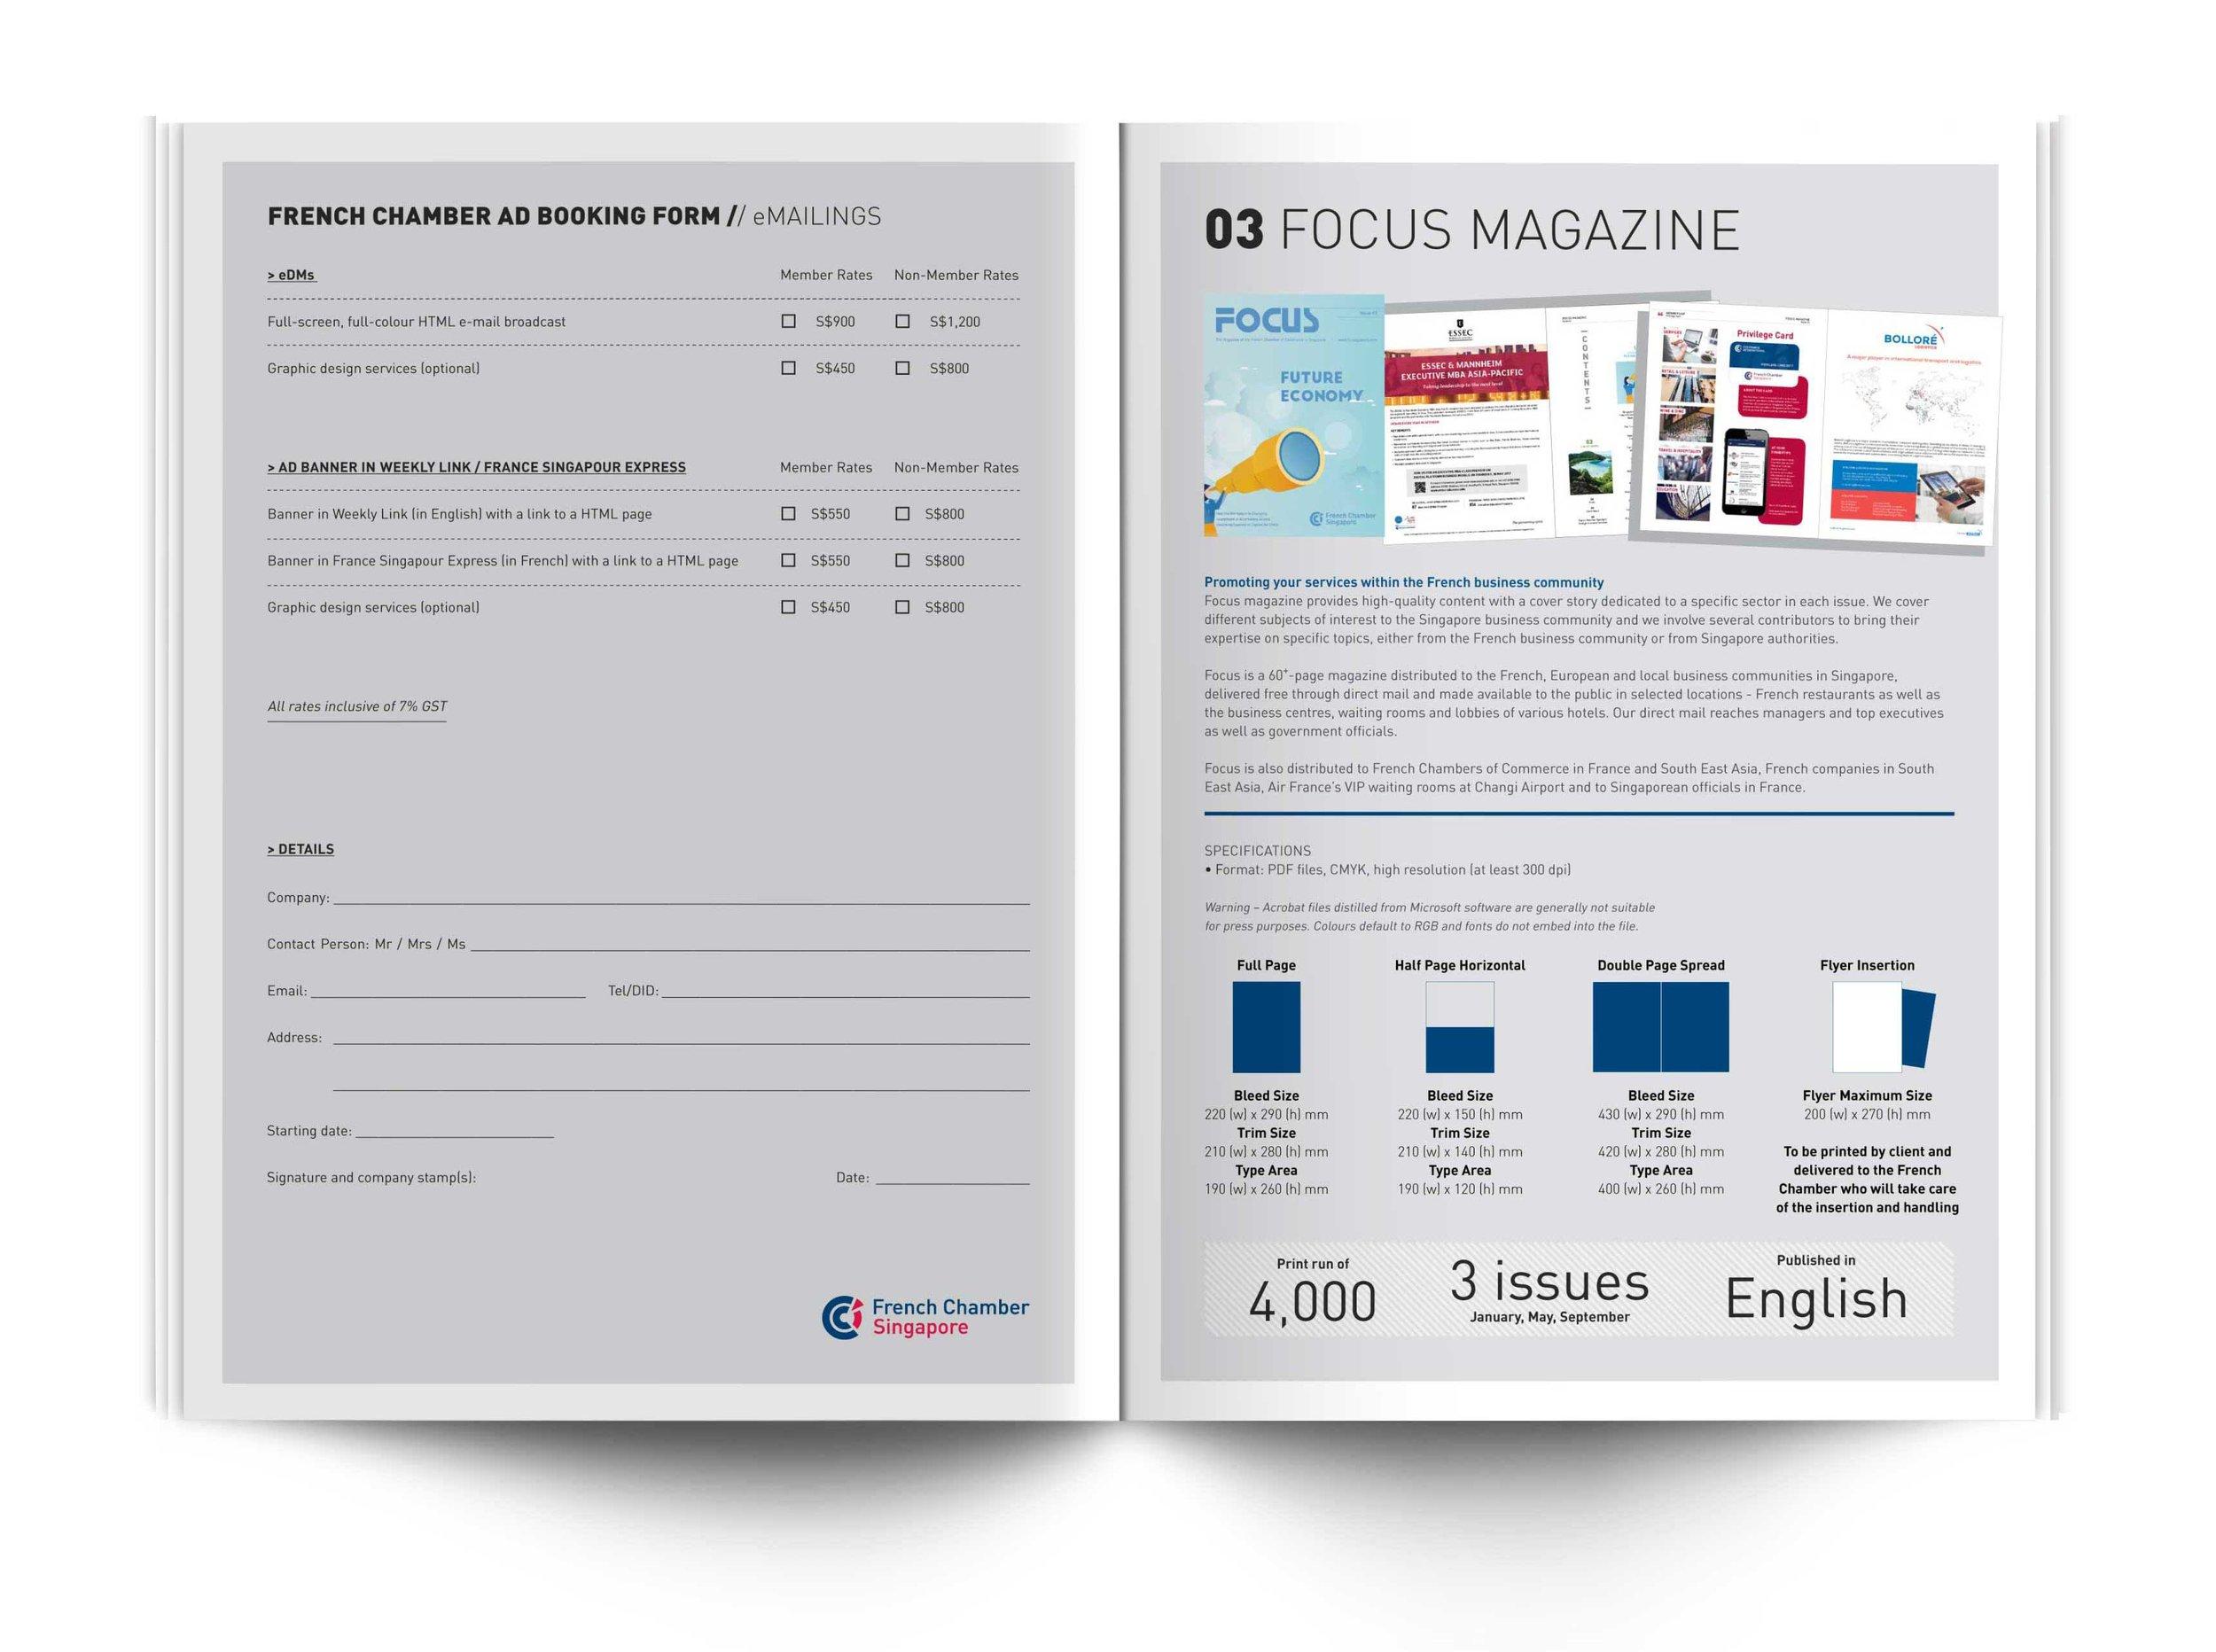 French-Chamber-Media-Kit-2017-2018-03.jpg